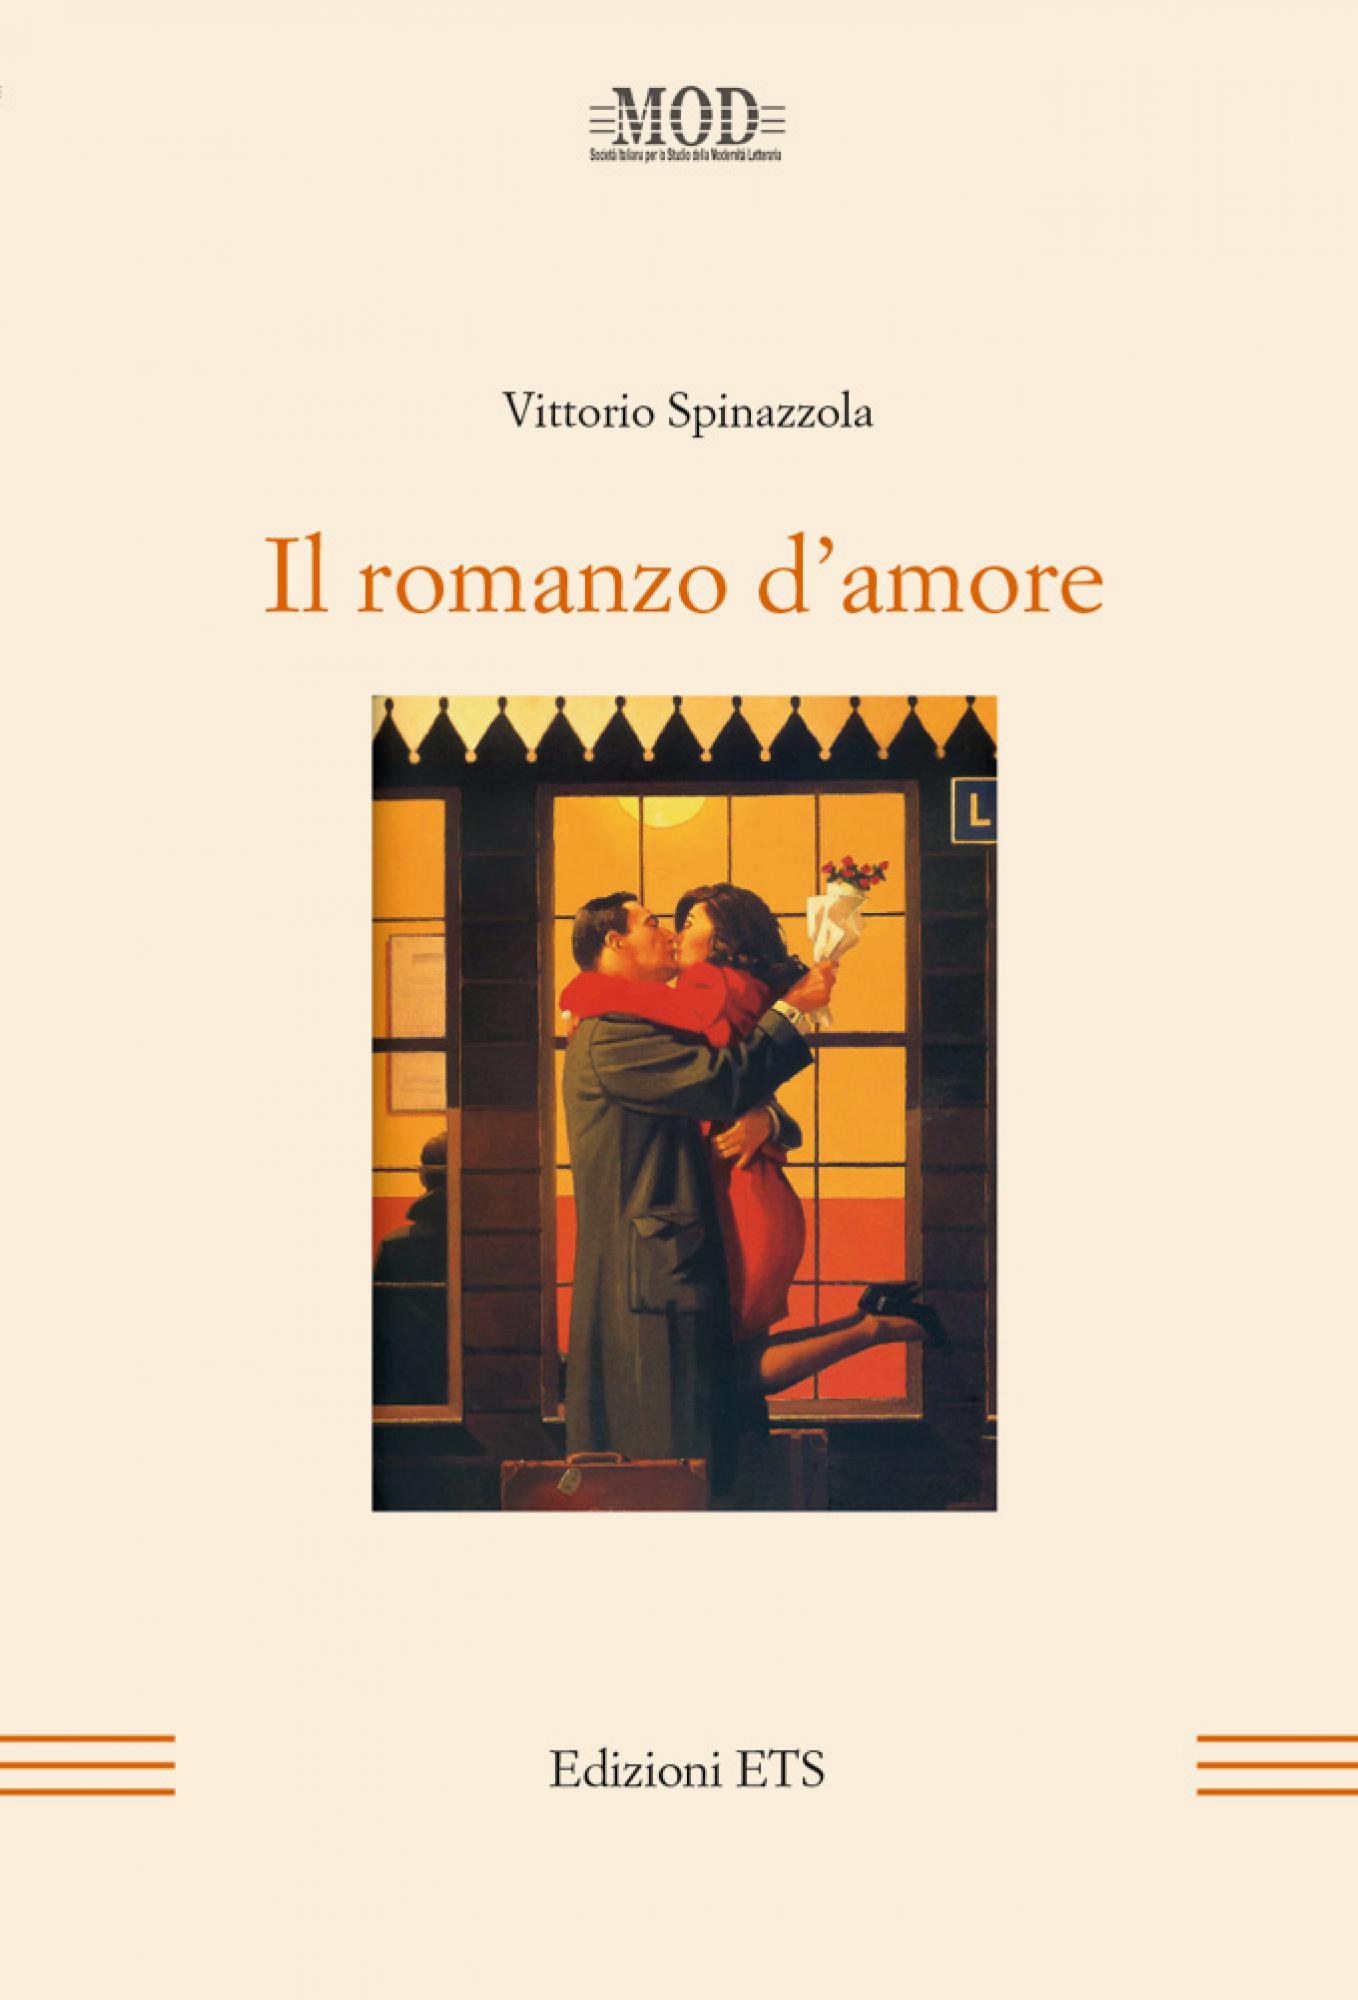 Il romanzo d'amore